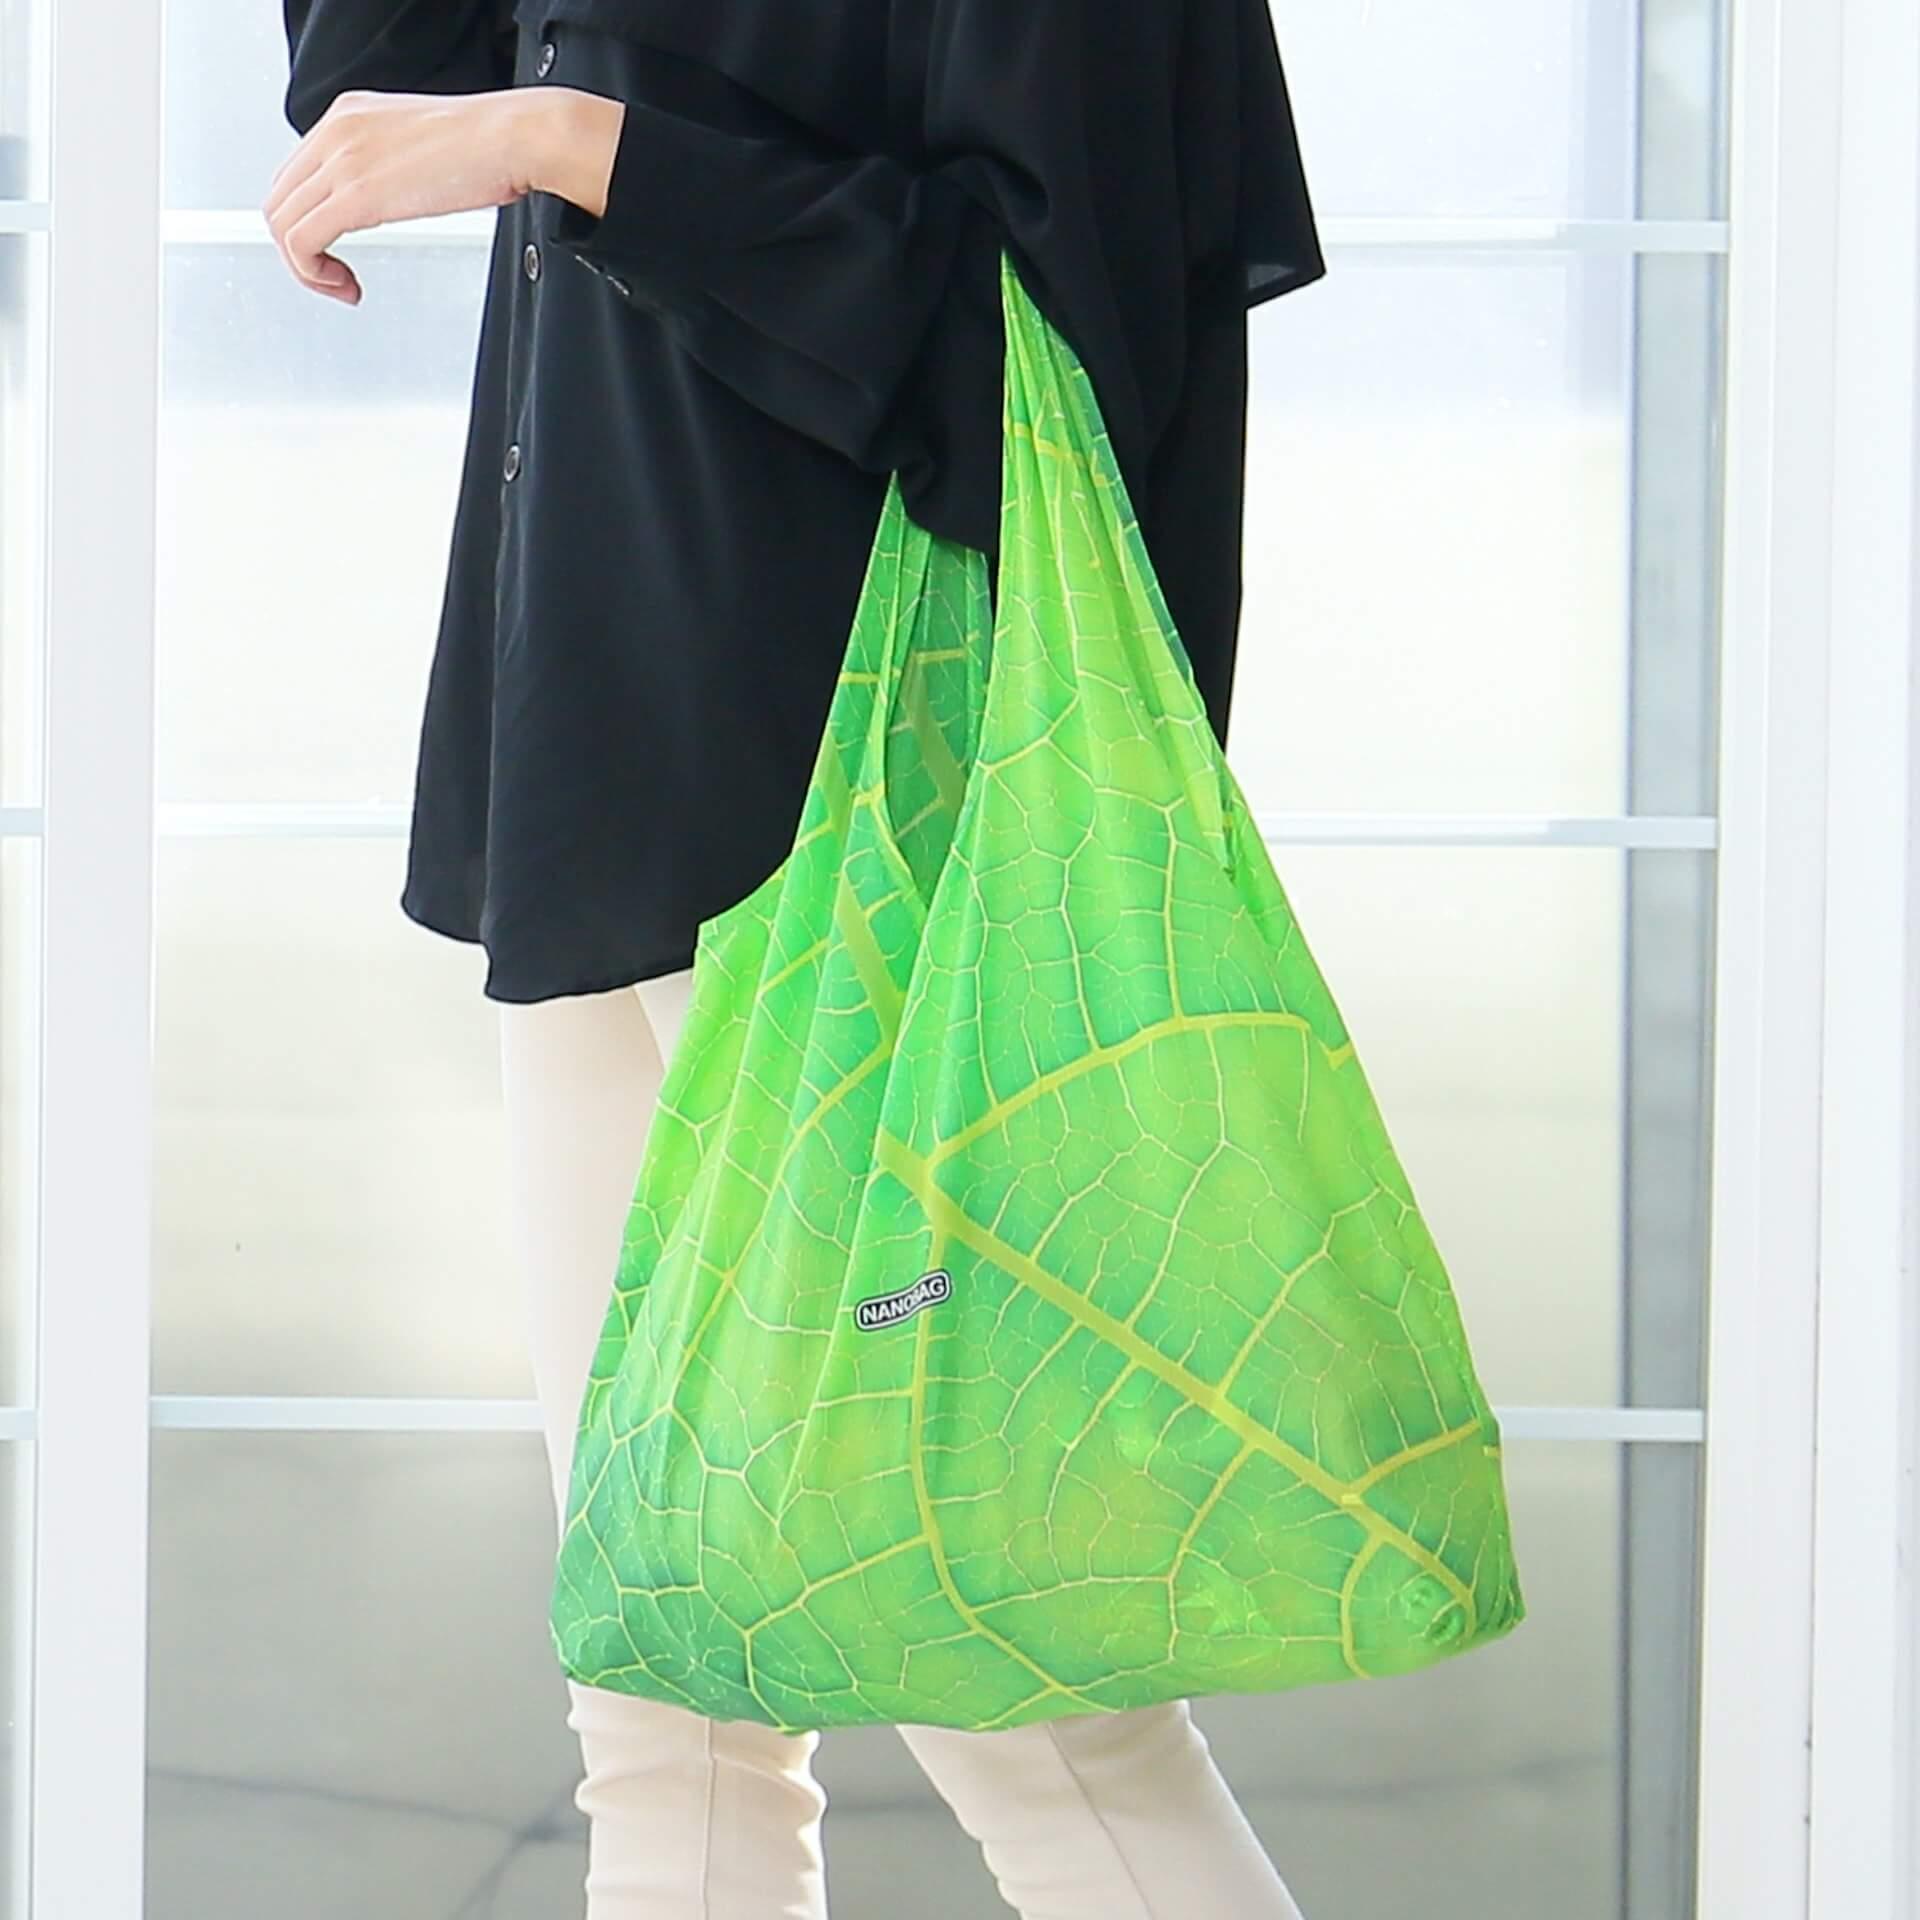 手のひらサイズのエコバッグ『NANOBAG』でお買い物しよう!全国販売を記念したTwitterプレゼントキャンペーンが実施 ac200714_nanobag_13